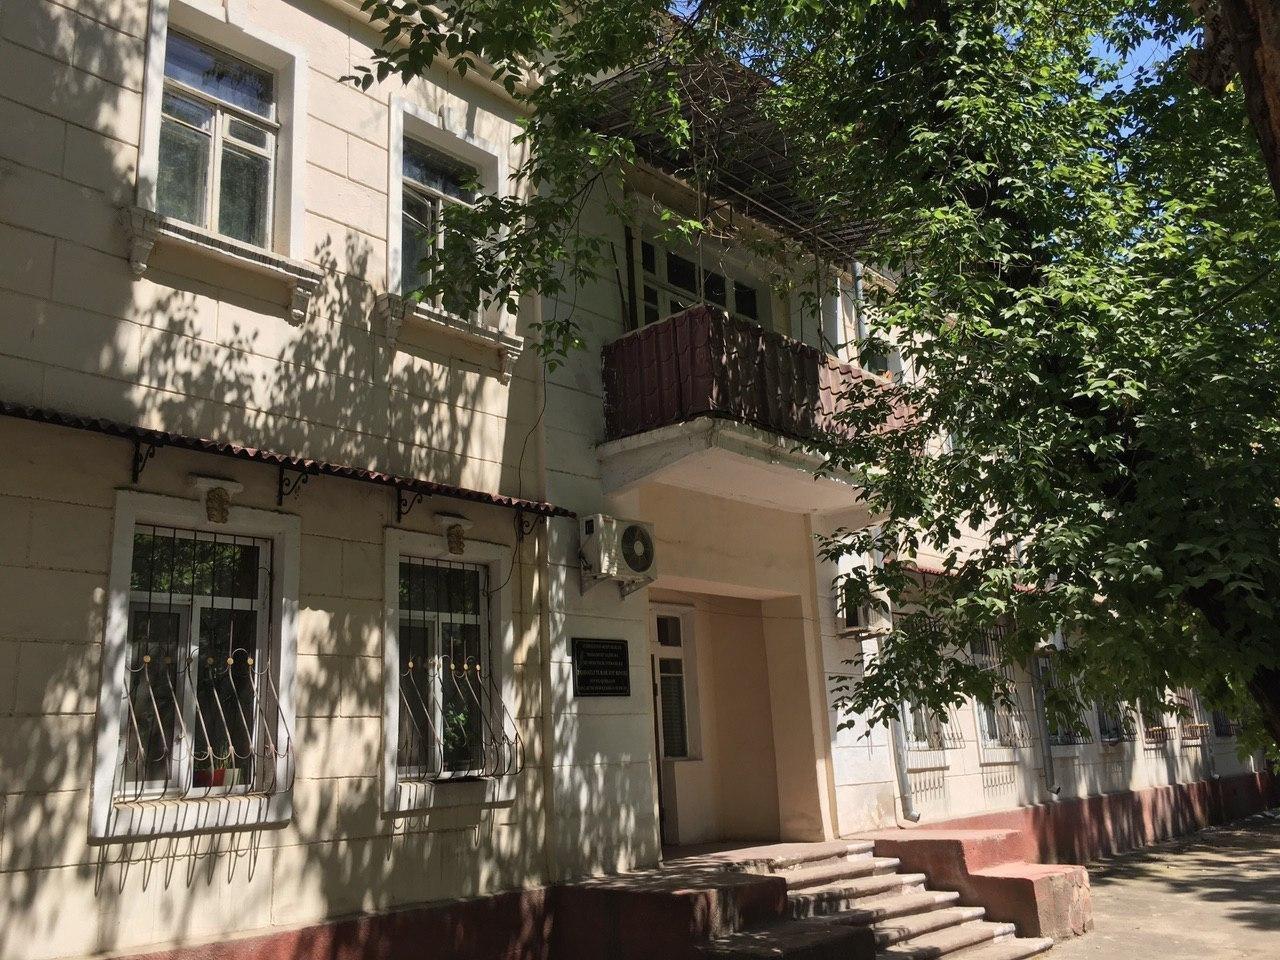 Дом №7 по улице Бабура в Ташкенте признали объектом культурного наследия